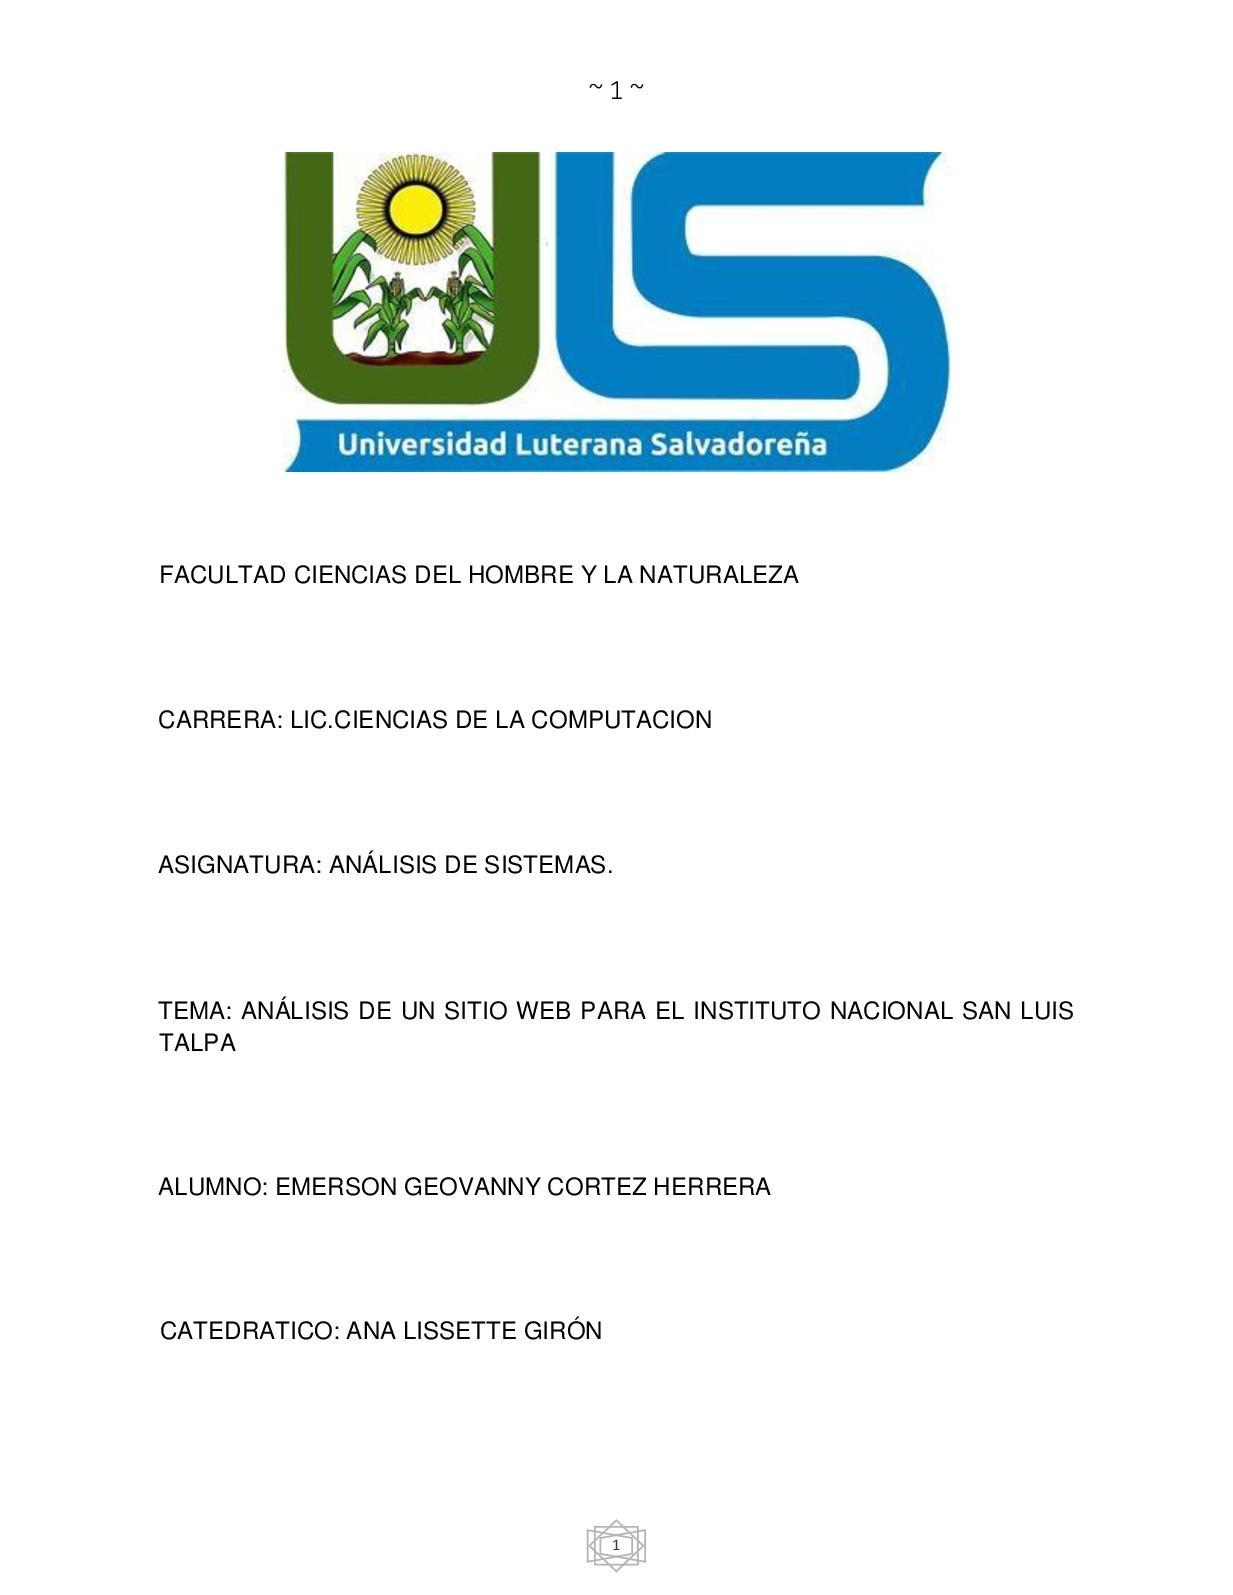 Analisis De Sistemas Del Instituto Nacional De San Luis Talpa